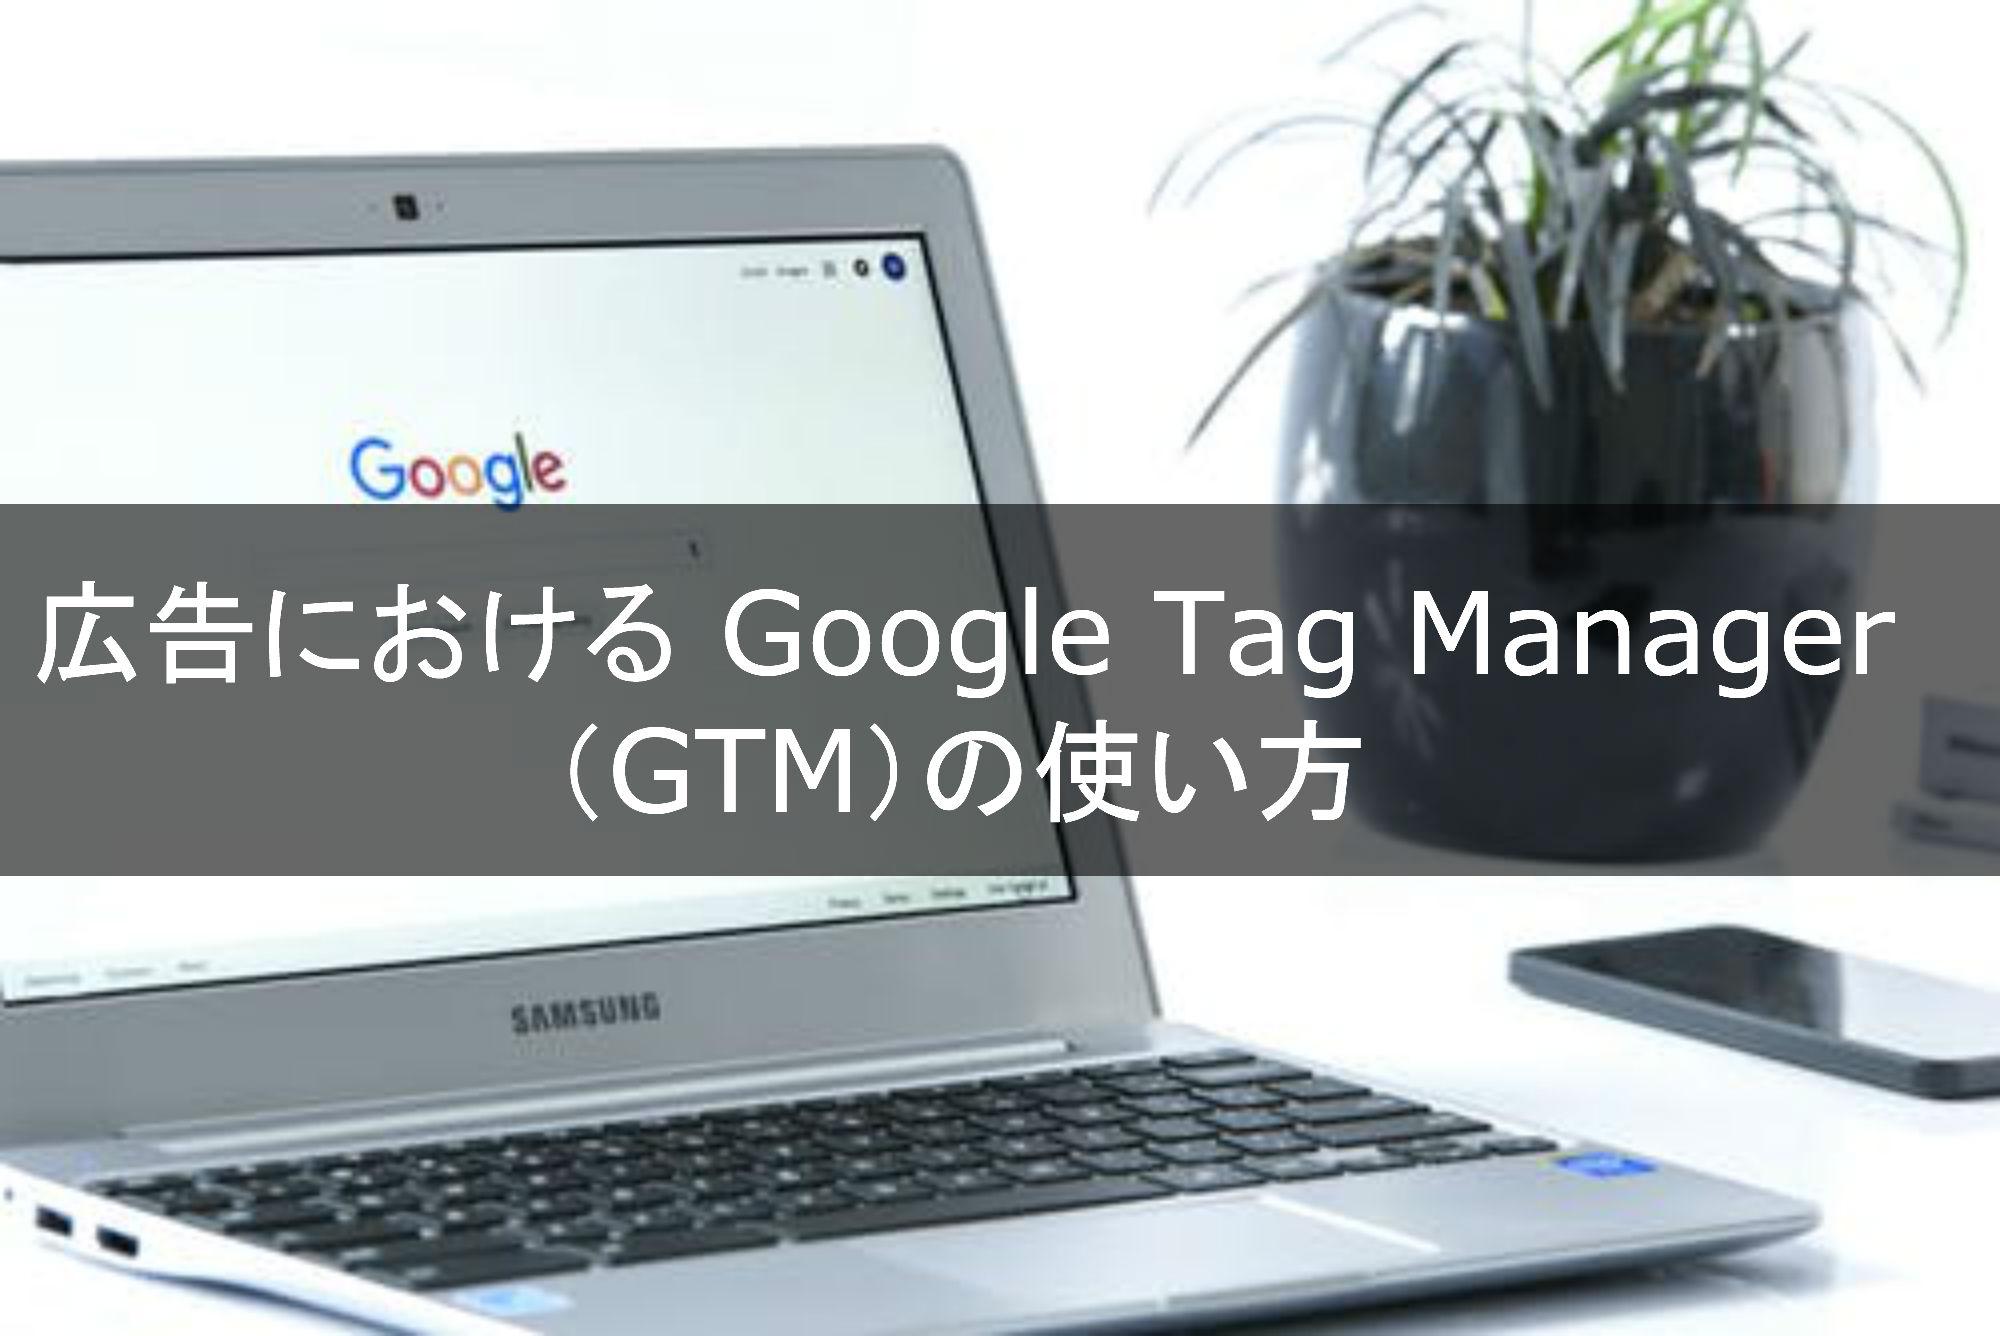 広告における Google Tag Manager(GTM)の使い方